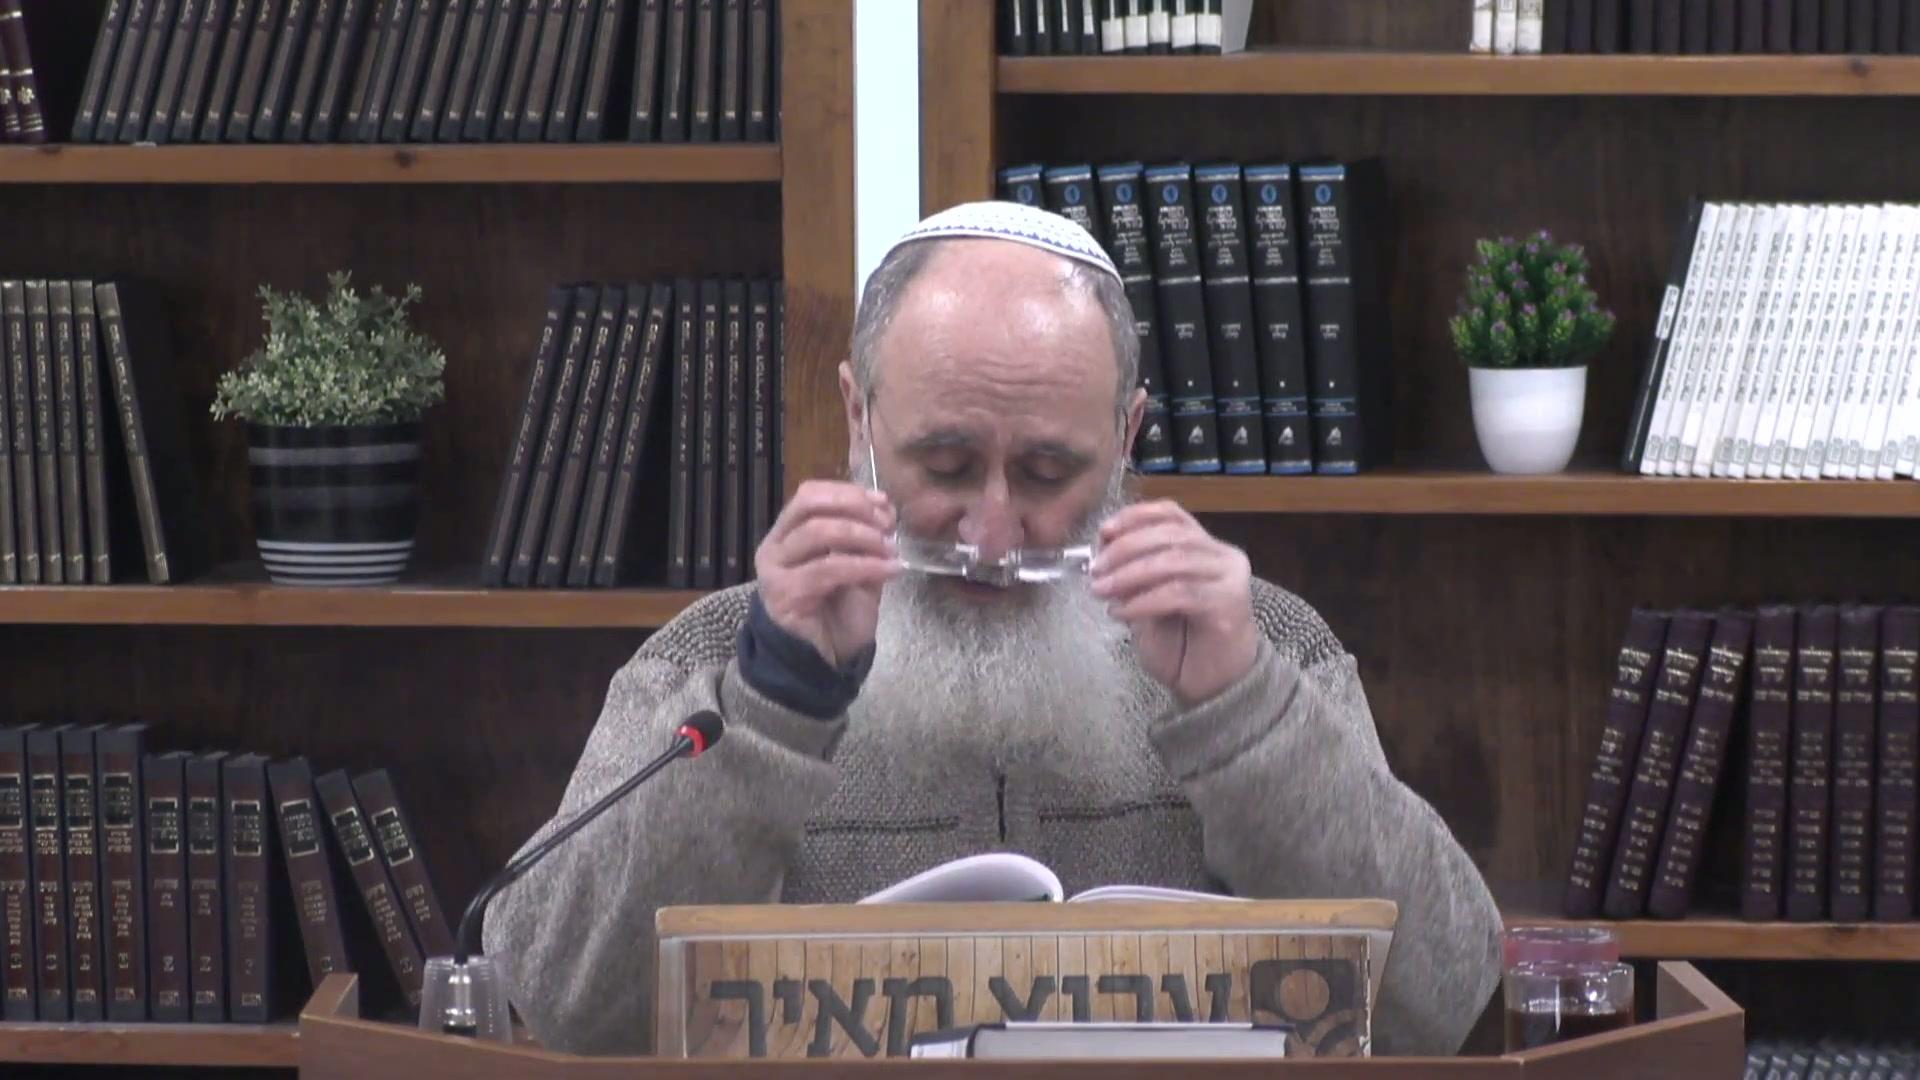 האם לדתות שחוץ מהיהדות ישנו תפקיד אלוהי גם כן ?